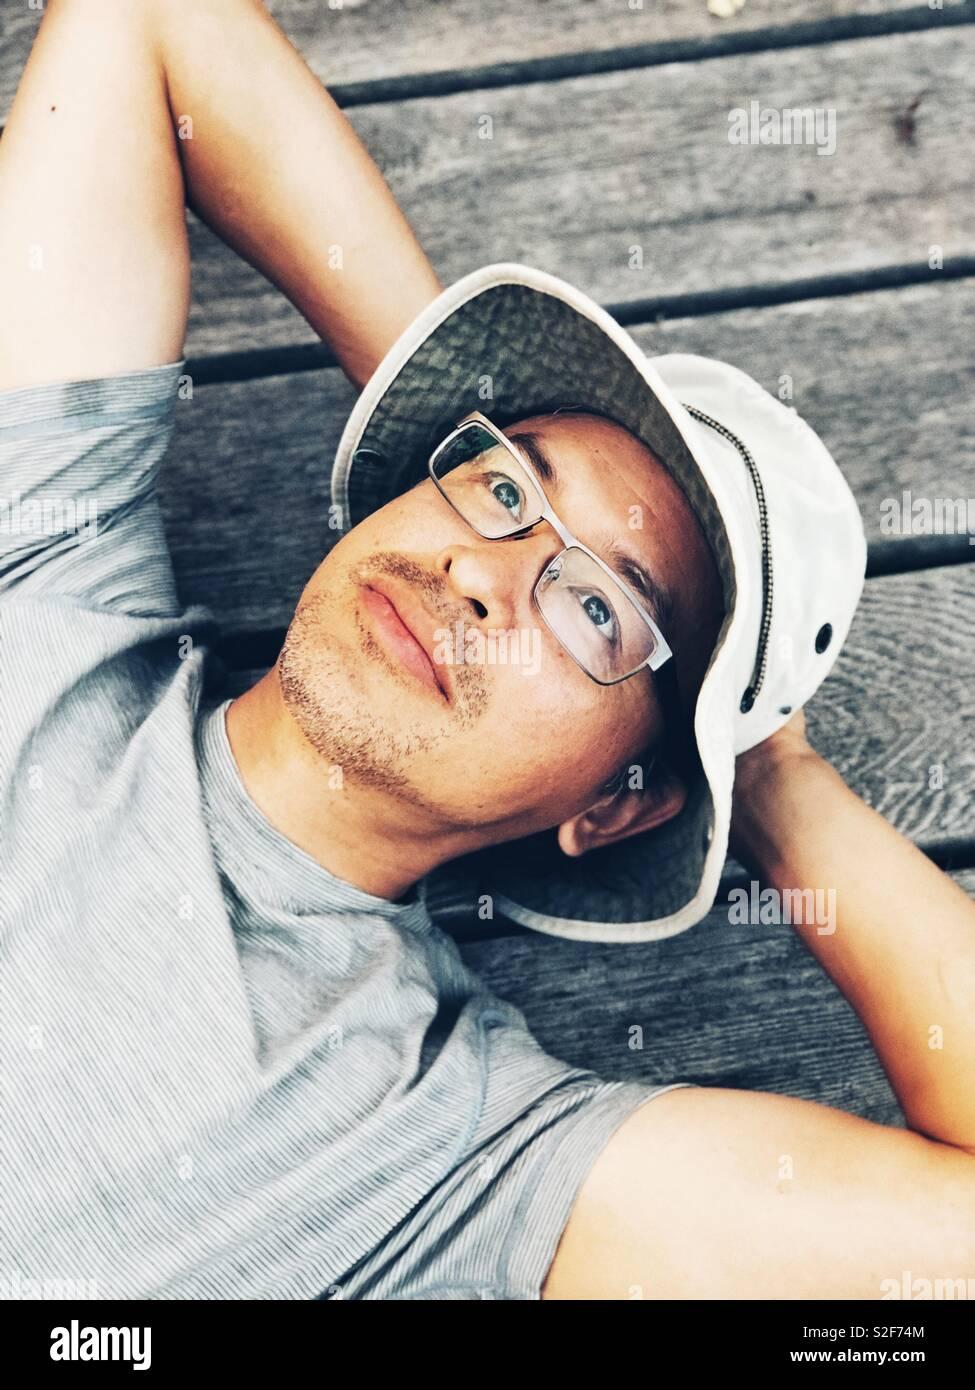 Asiático de mediana edad hombre vestido con sombrero y gafas de cuchara buscando sentar en la plataforma de camping en el desierto de Canadá Imagen De Stock